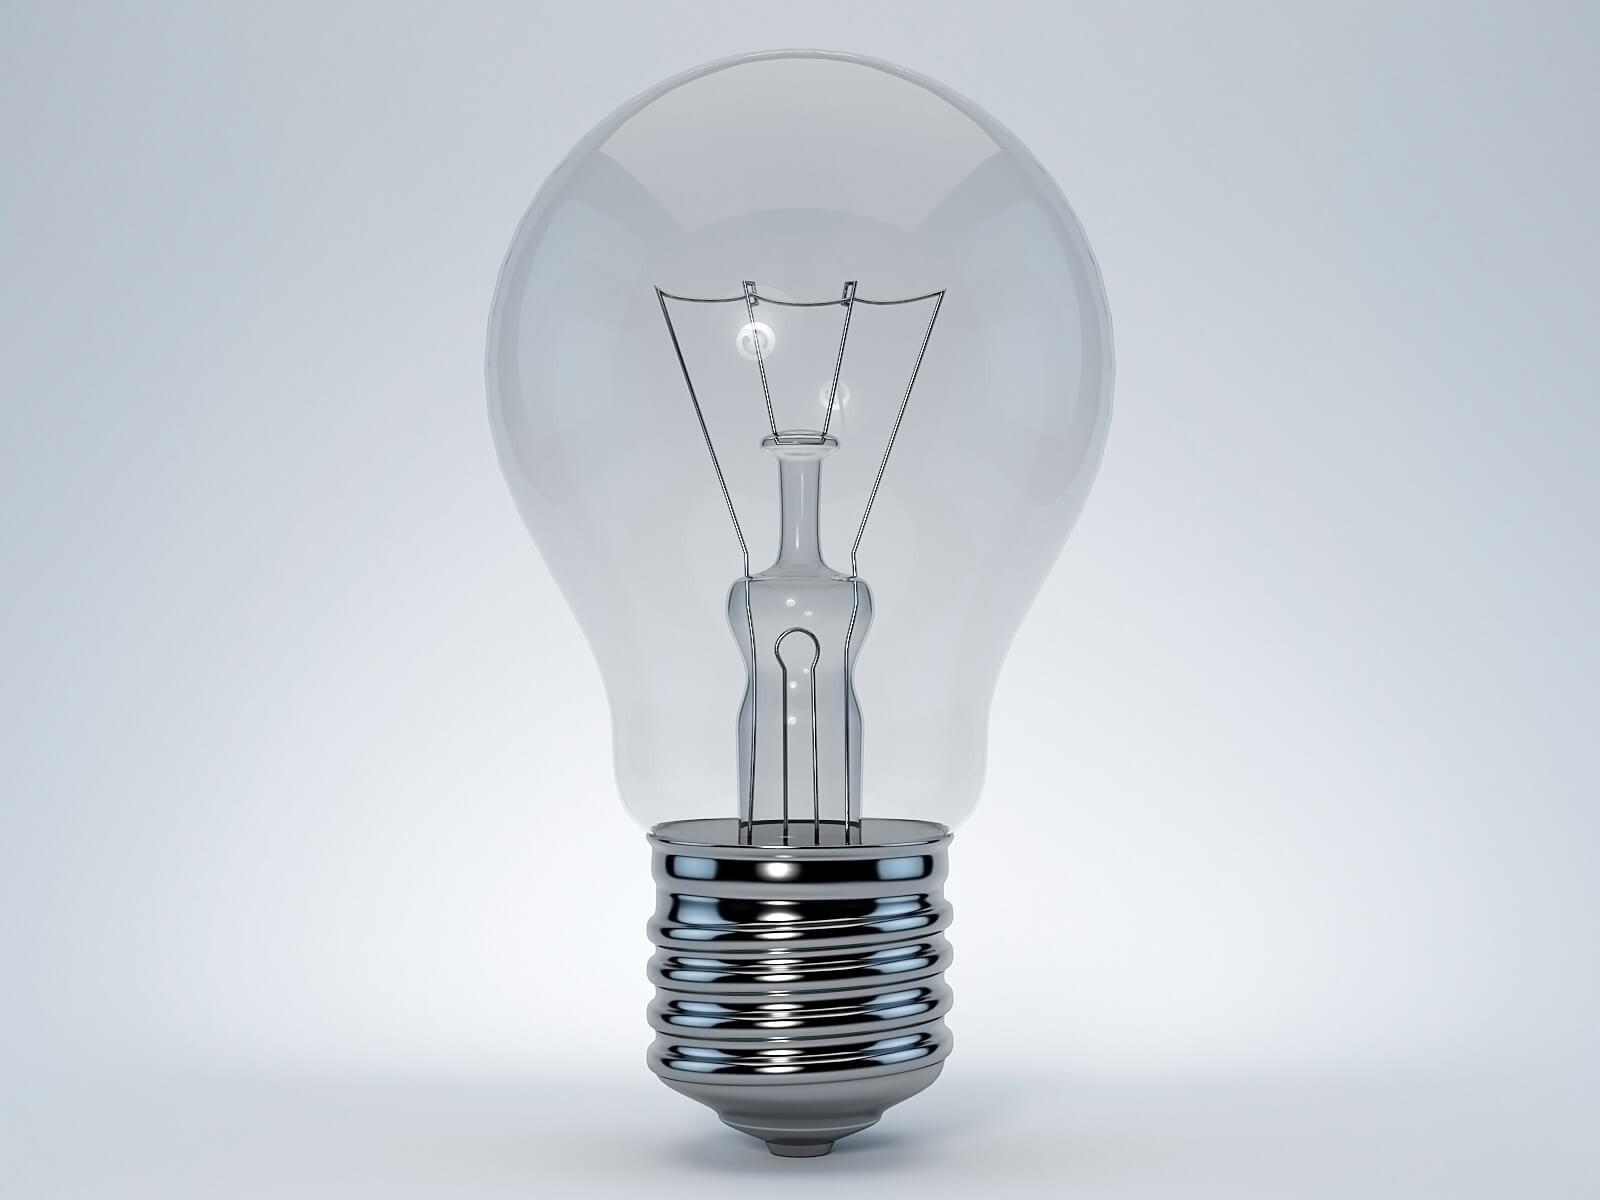 Ampoule lampe